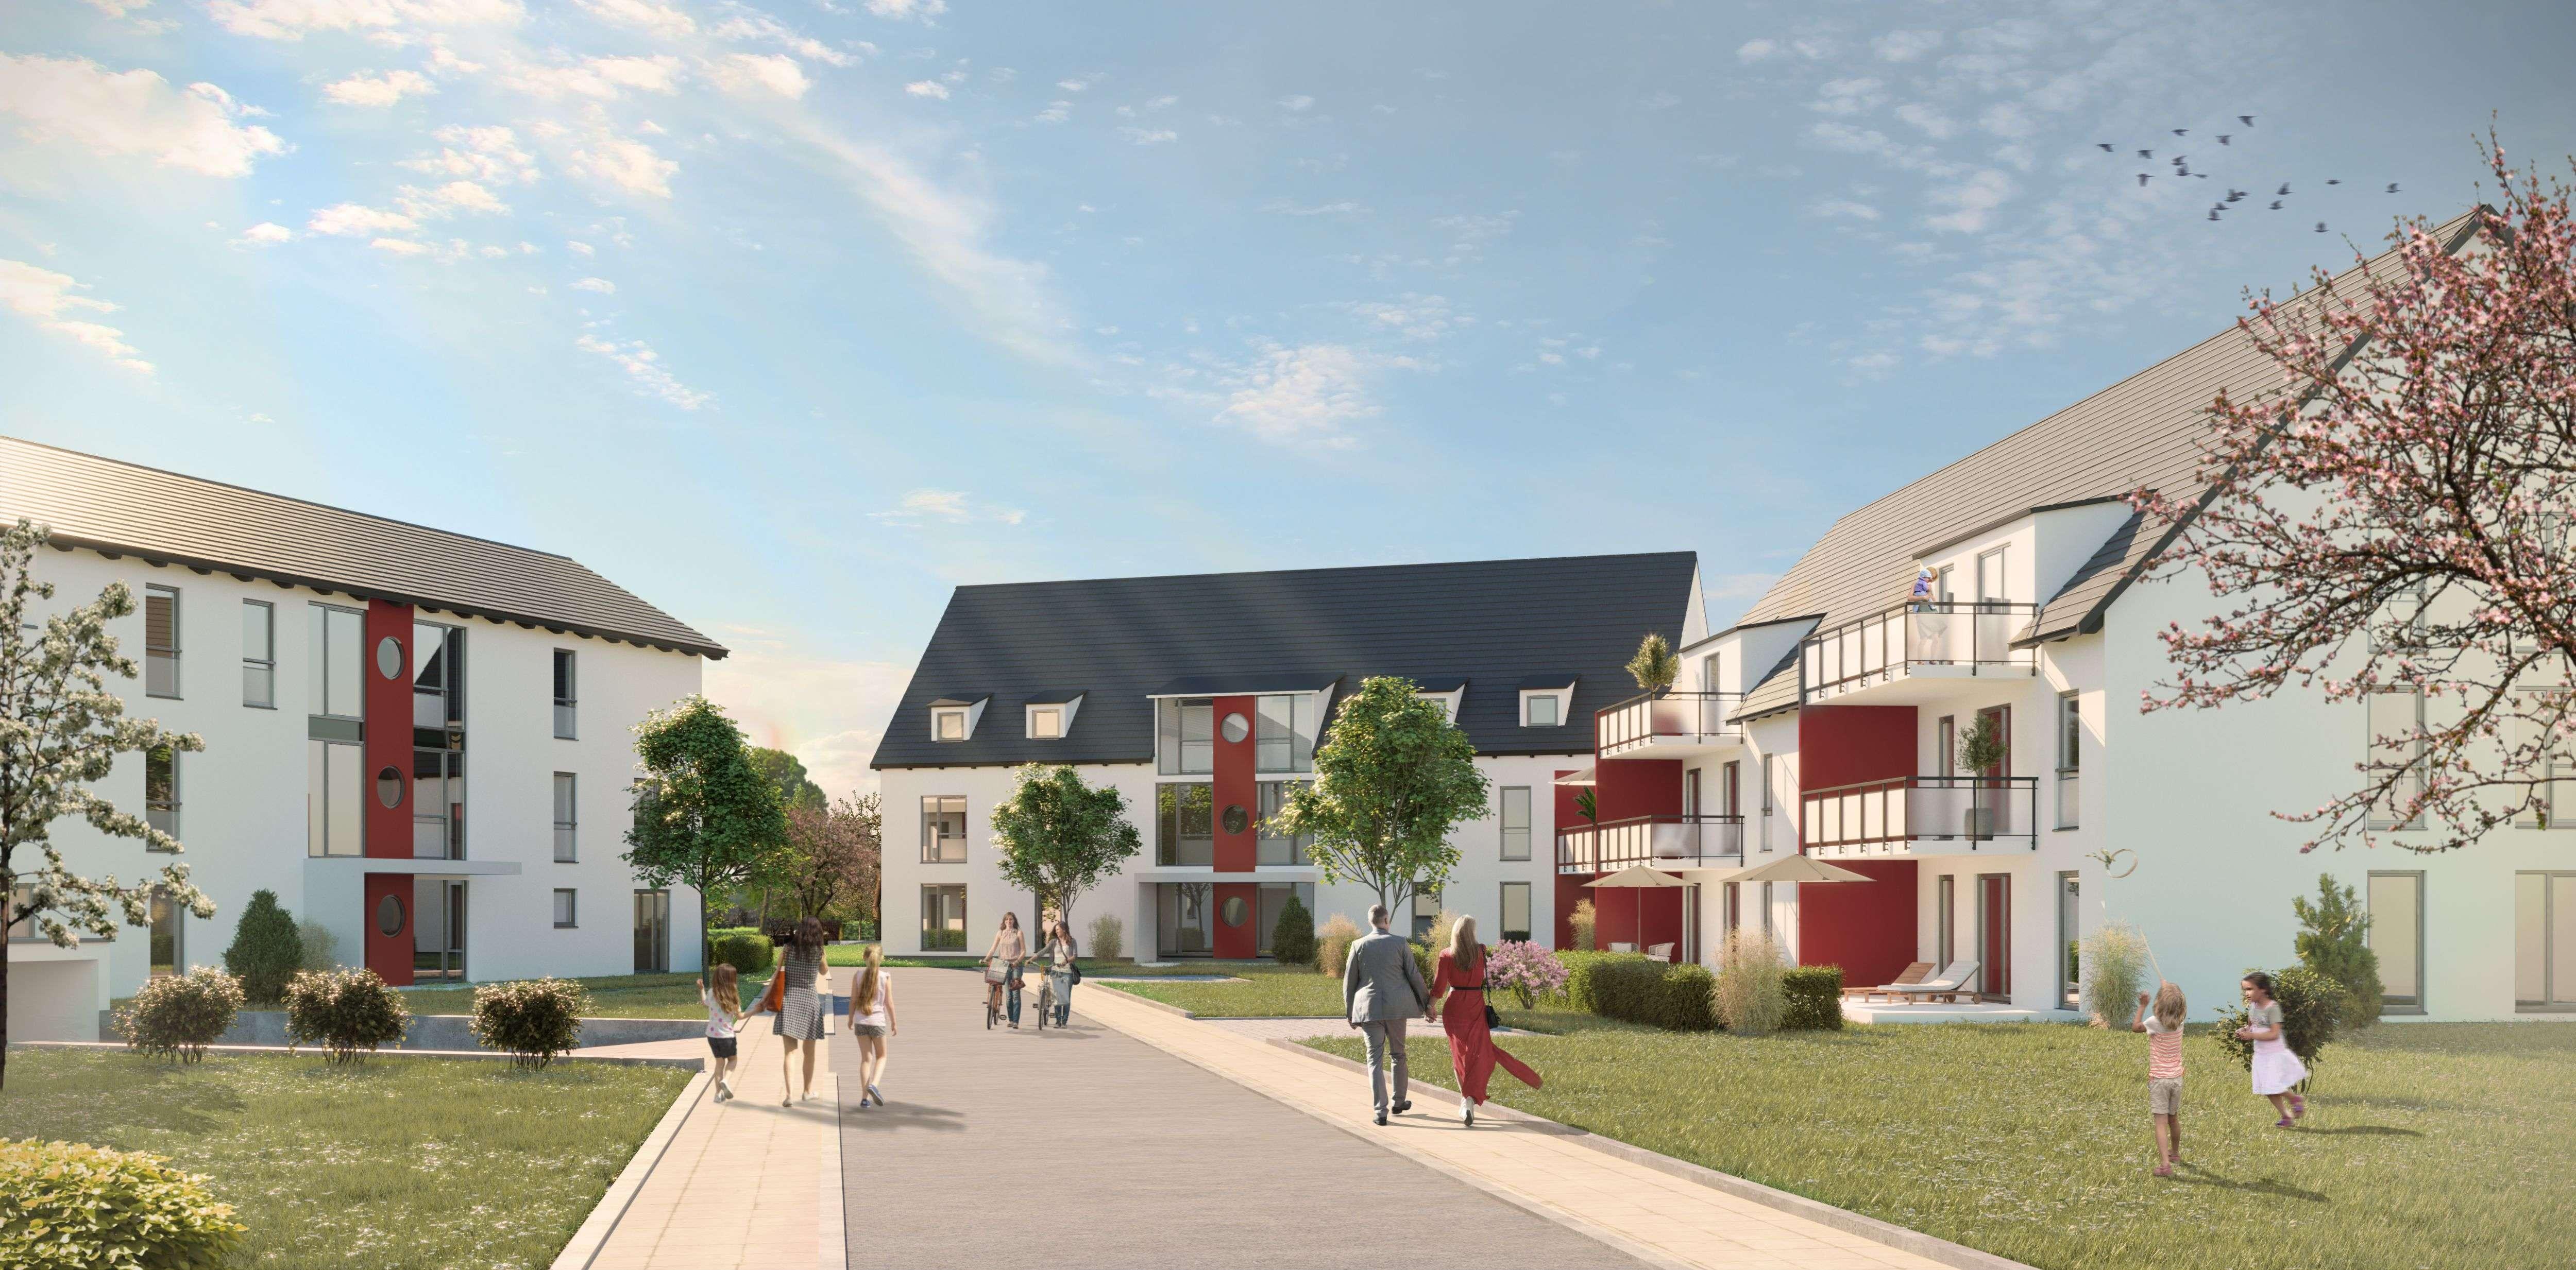 Neubau! 3 Zimmer-Wohnung in Horgau! Bezug geplant Ende 2019! Vermietung nur mit WBS III !